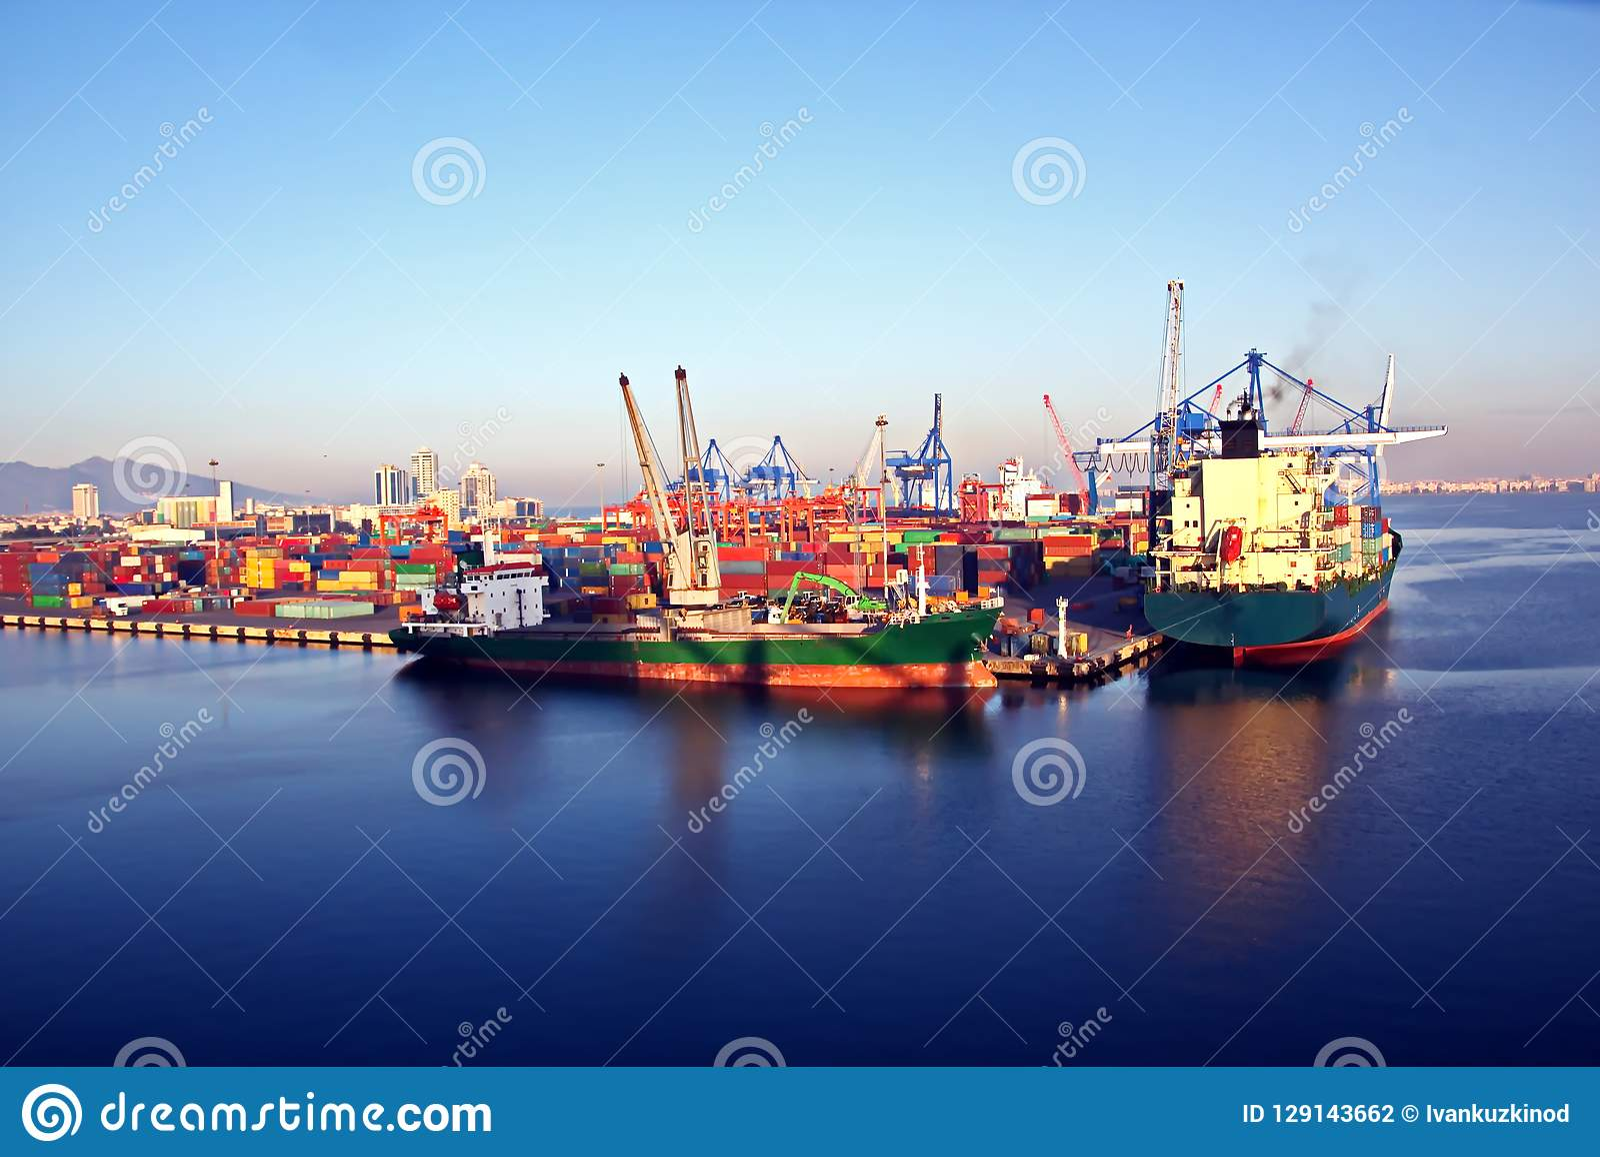 Verschillende types van droge lading, passagiers en containerschepen in motie en vastgelegd bij de haven van Izmir, Turkije